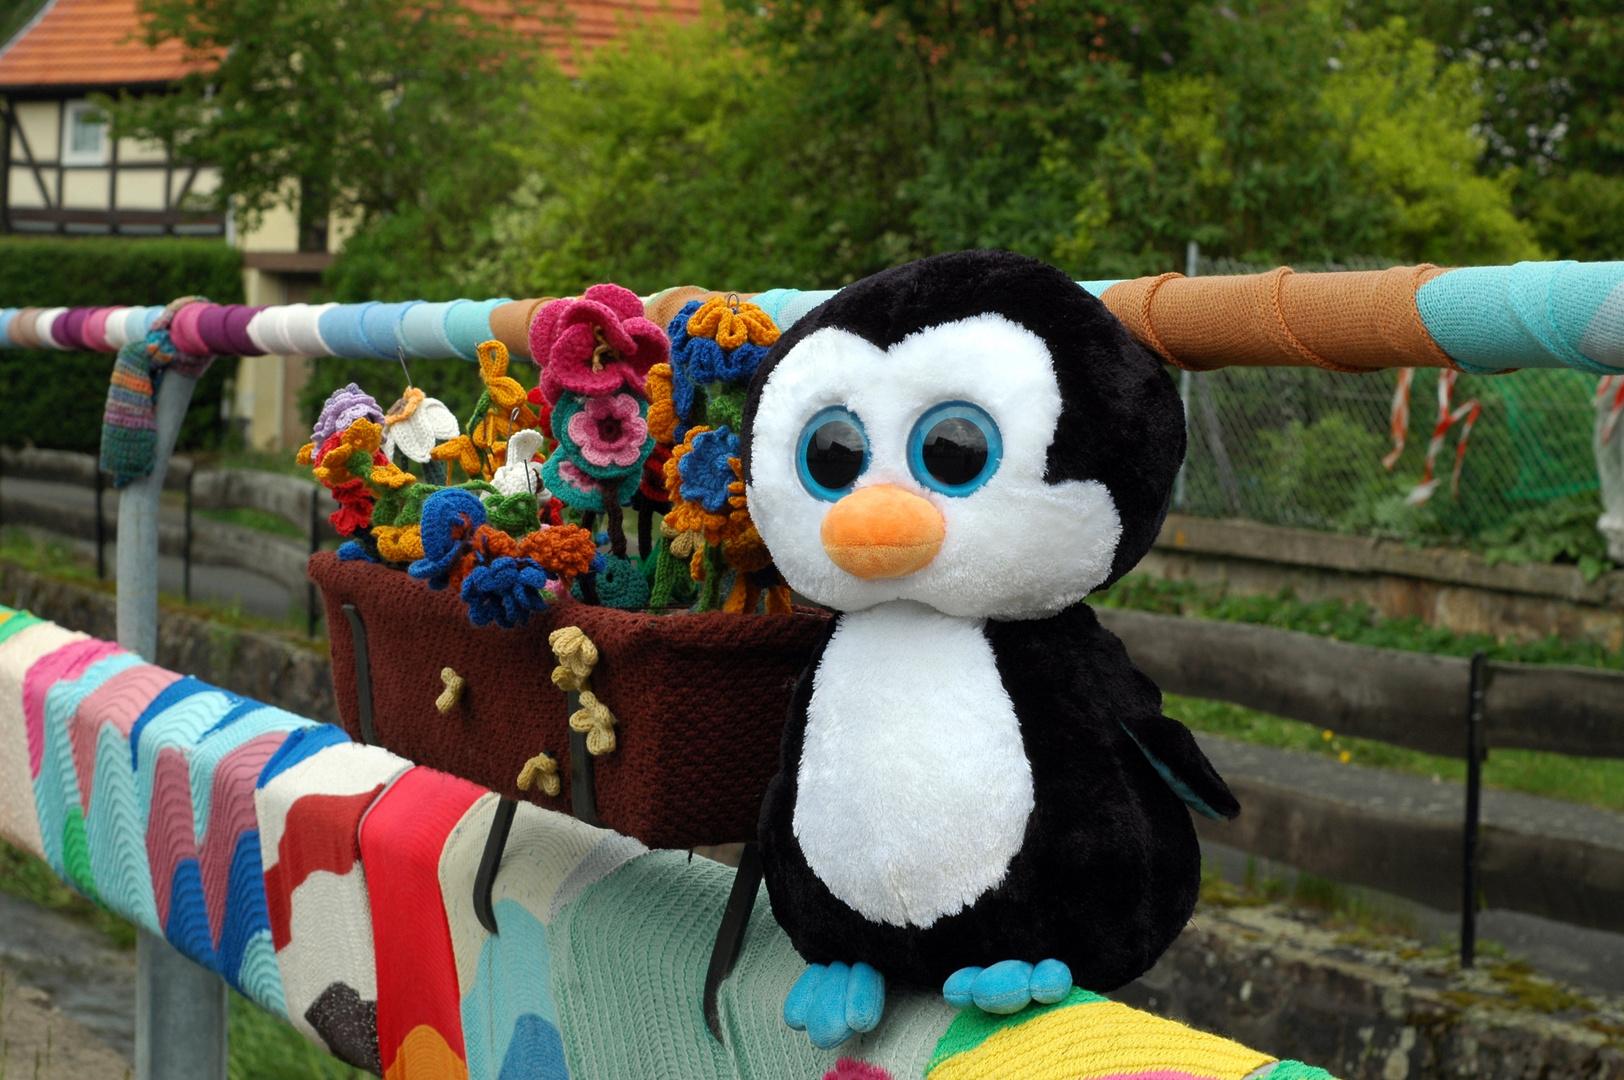 Pinguin auf der Stange